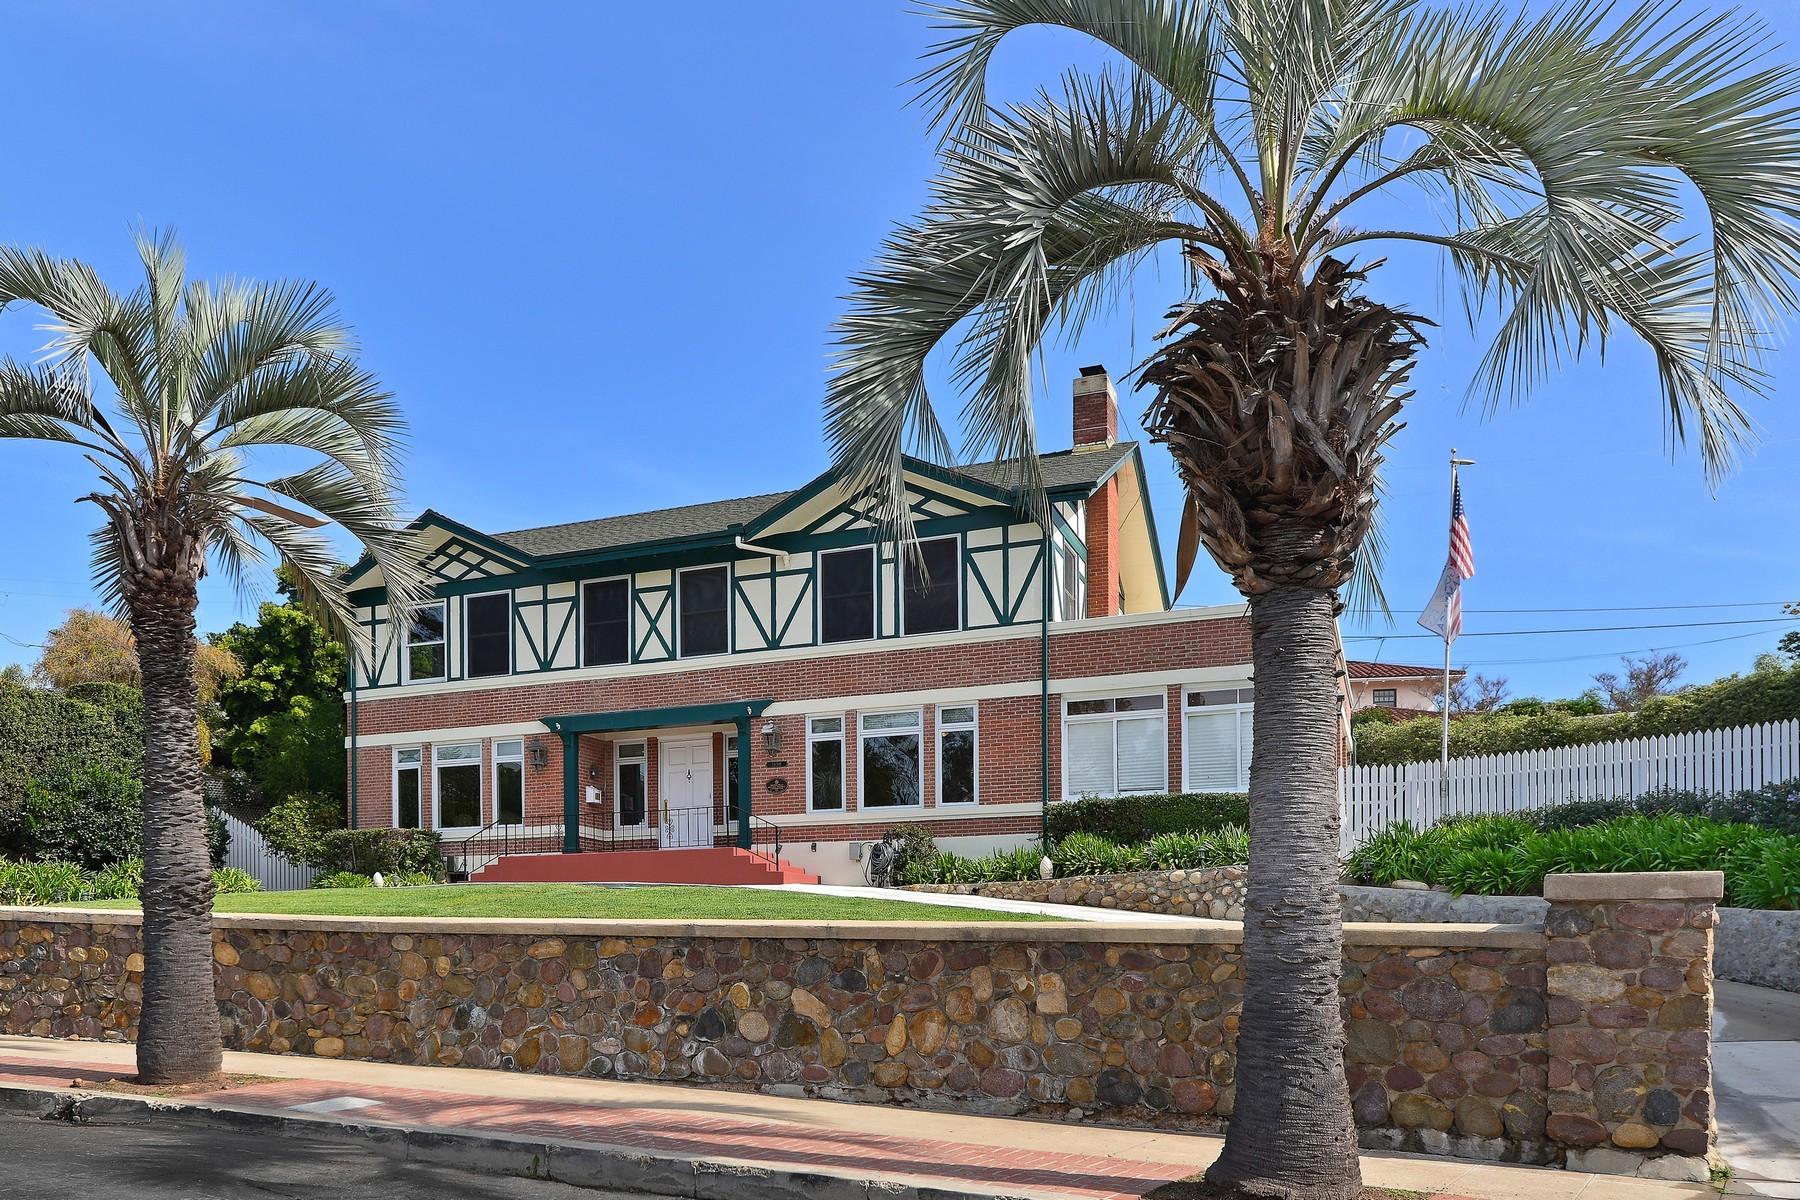 独户住宅 为 销售 在 1850 Lyndon Road Mission Hills, 圣地亚哥, 加利福尼亚州, 92103 美国